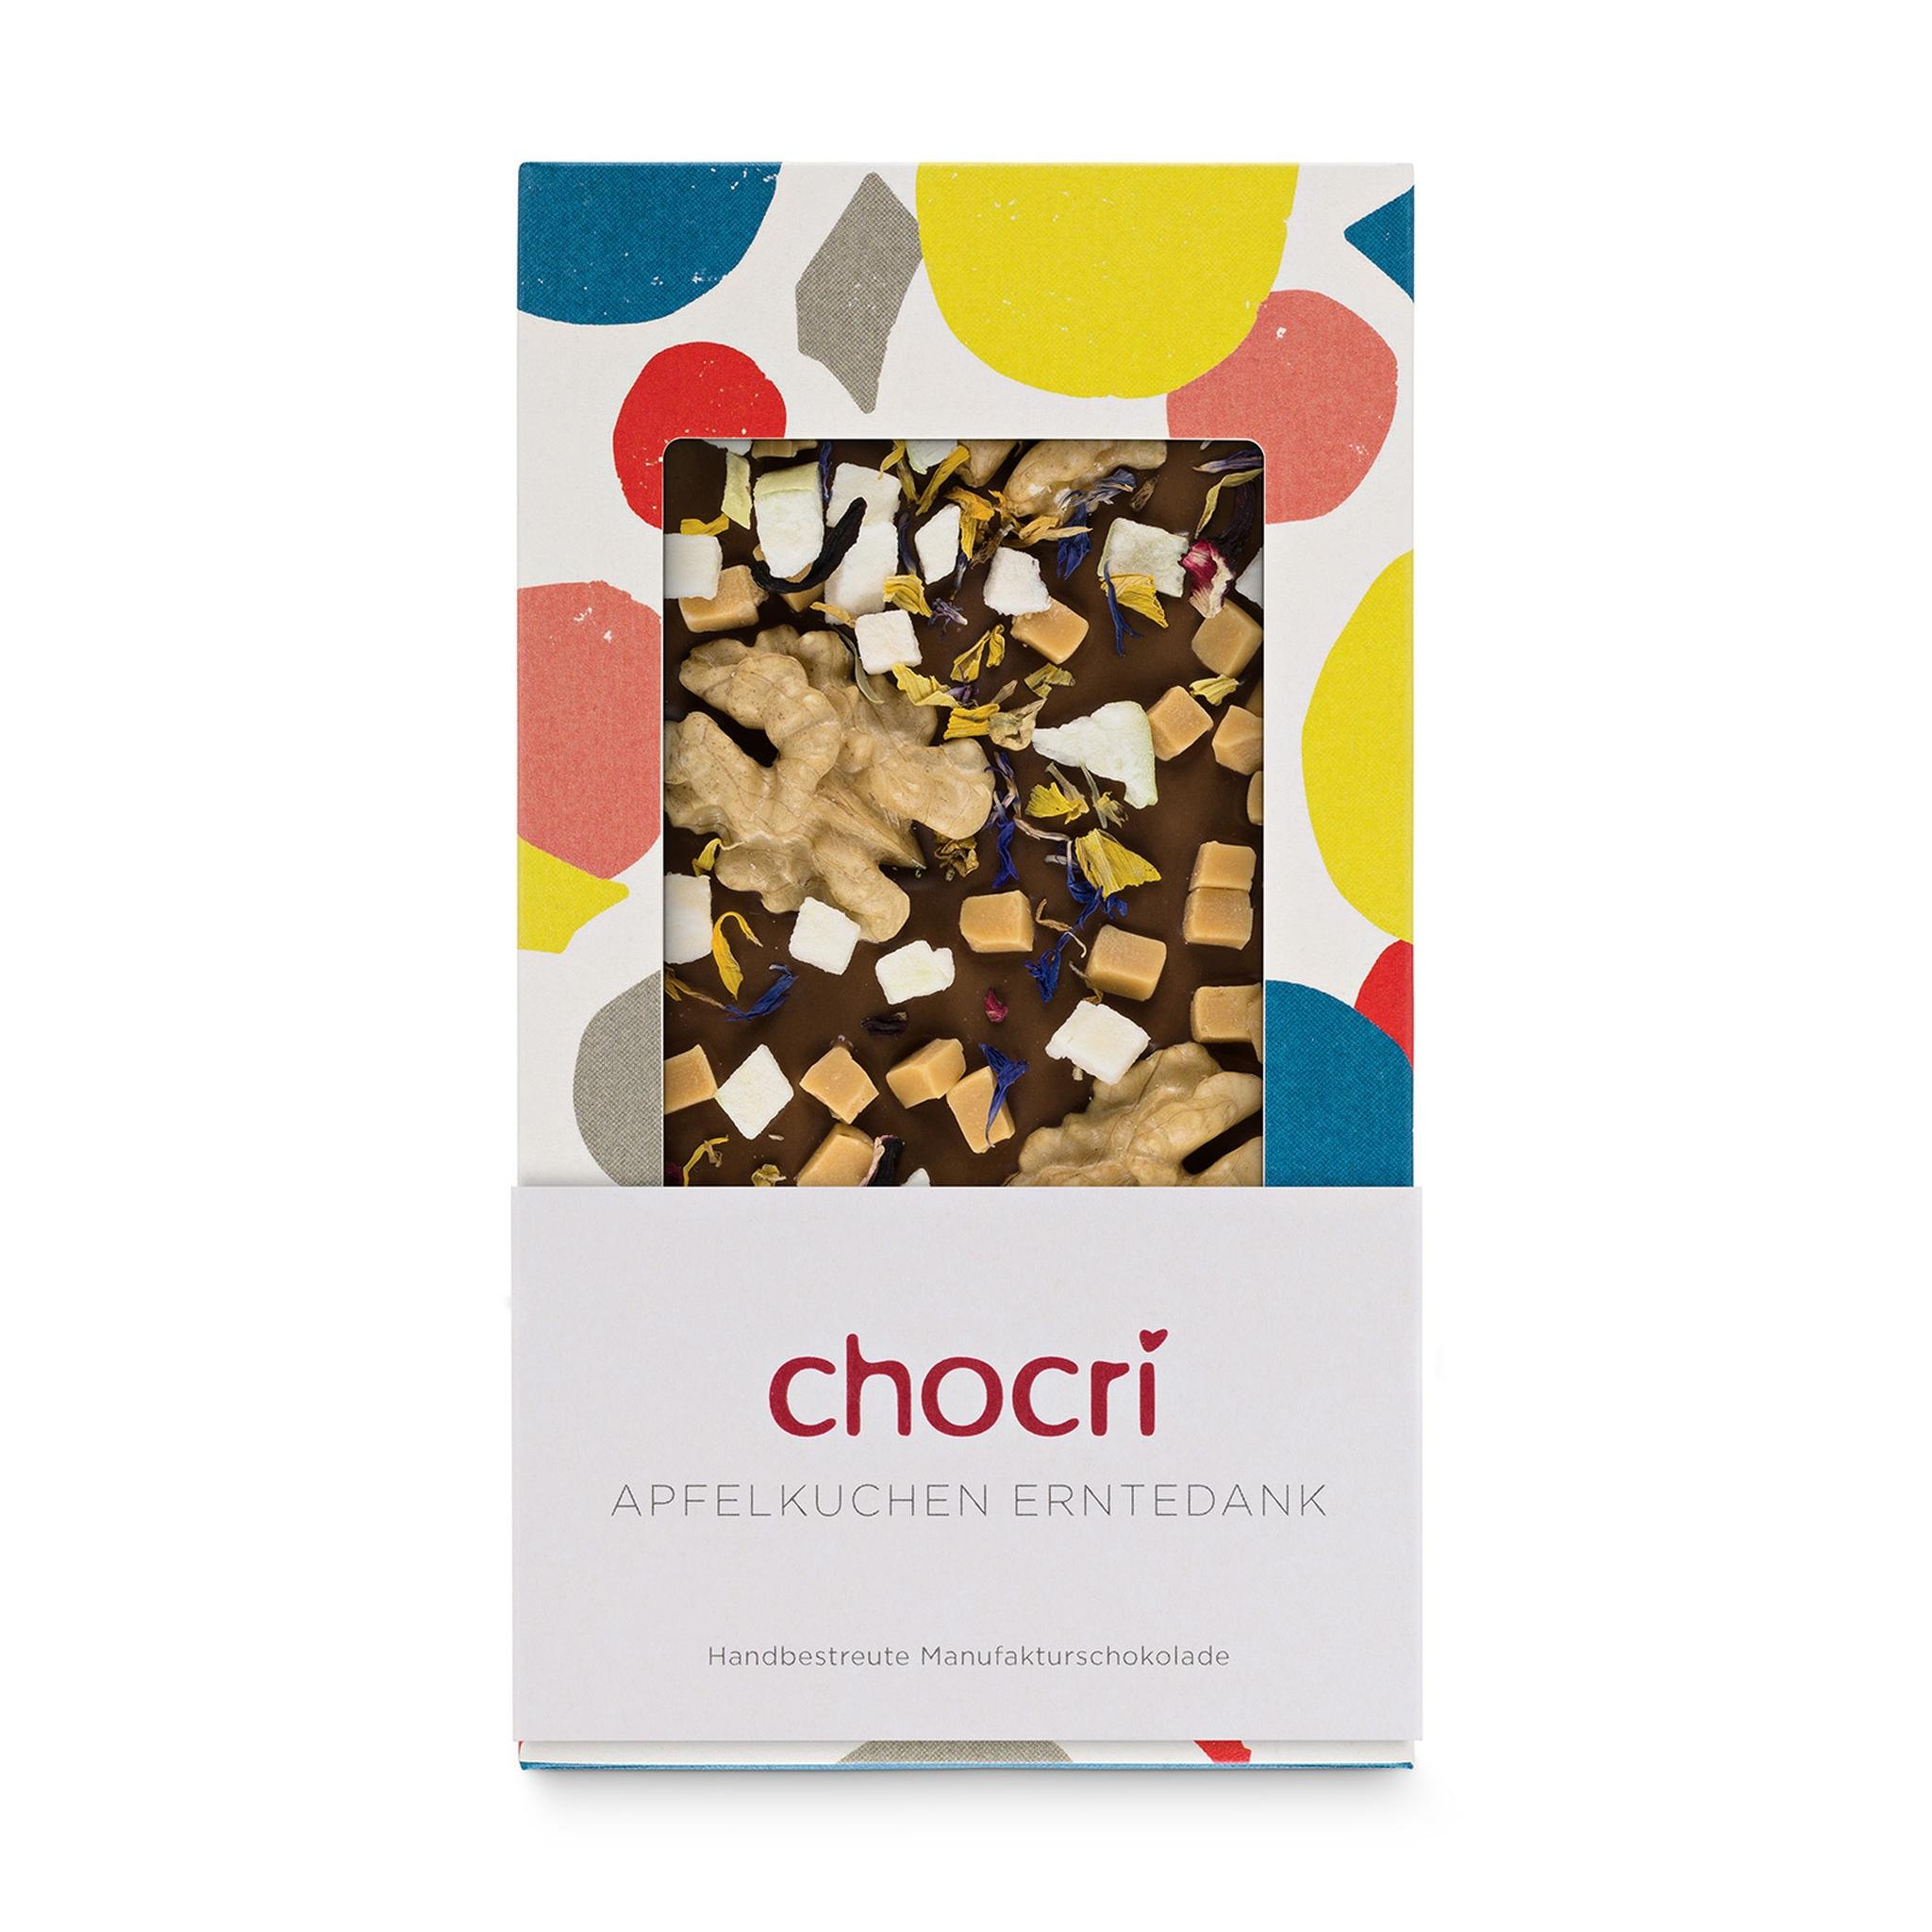 Köstlichbackwaren - Vollmilchschokolade mit ganzen Nüssen 'Apfelkuchen' - Onlineshop Chocri